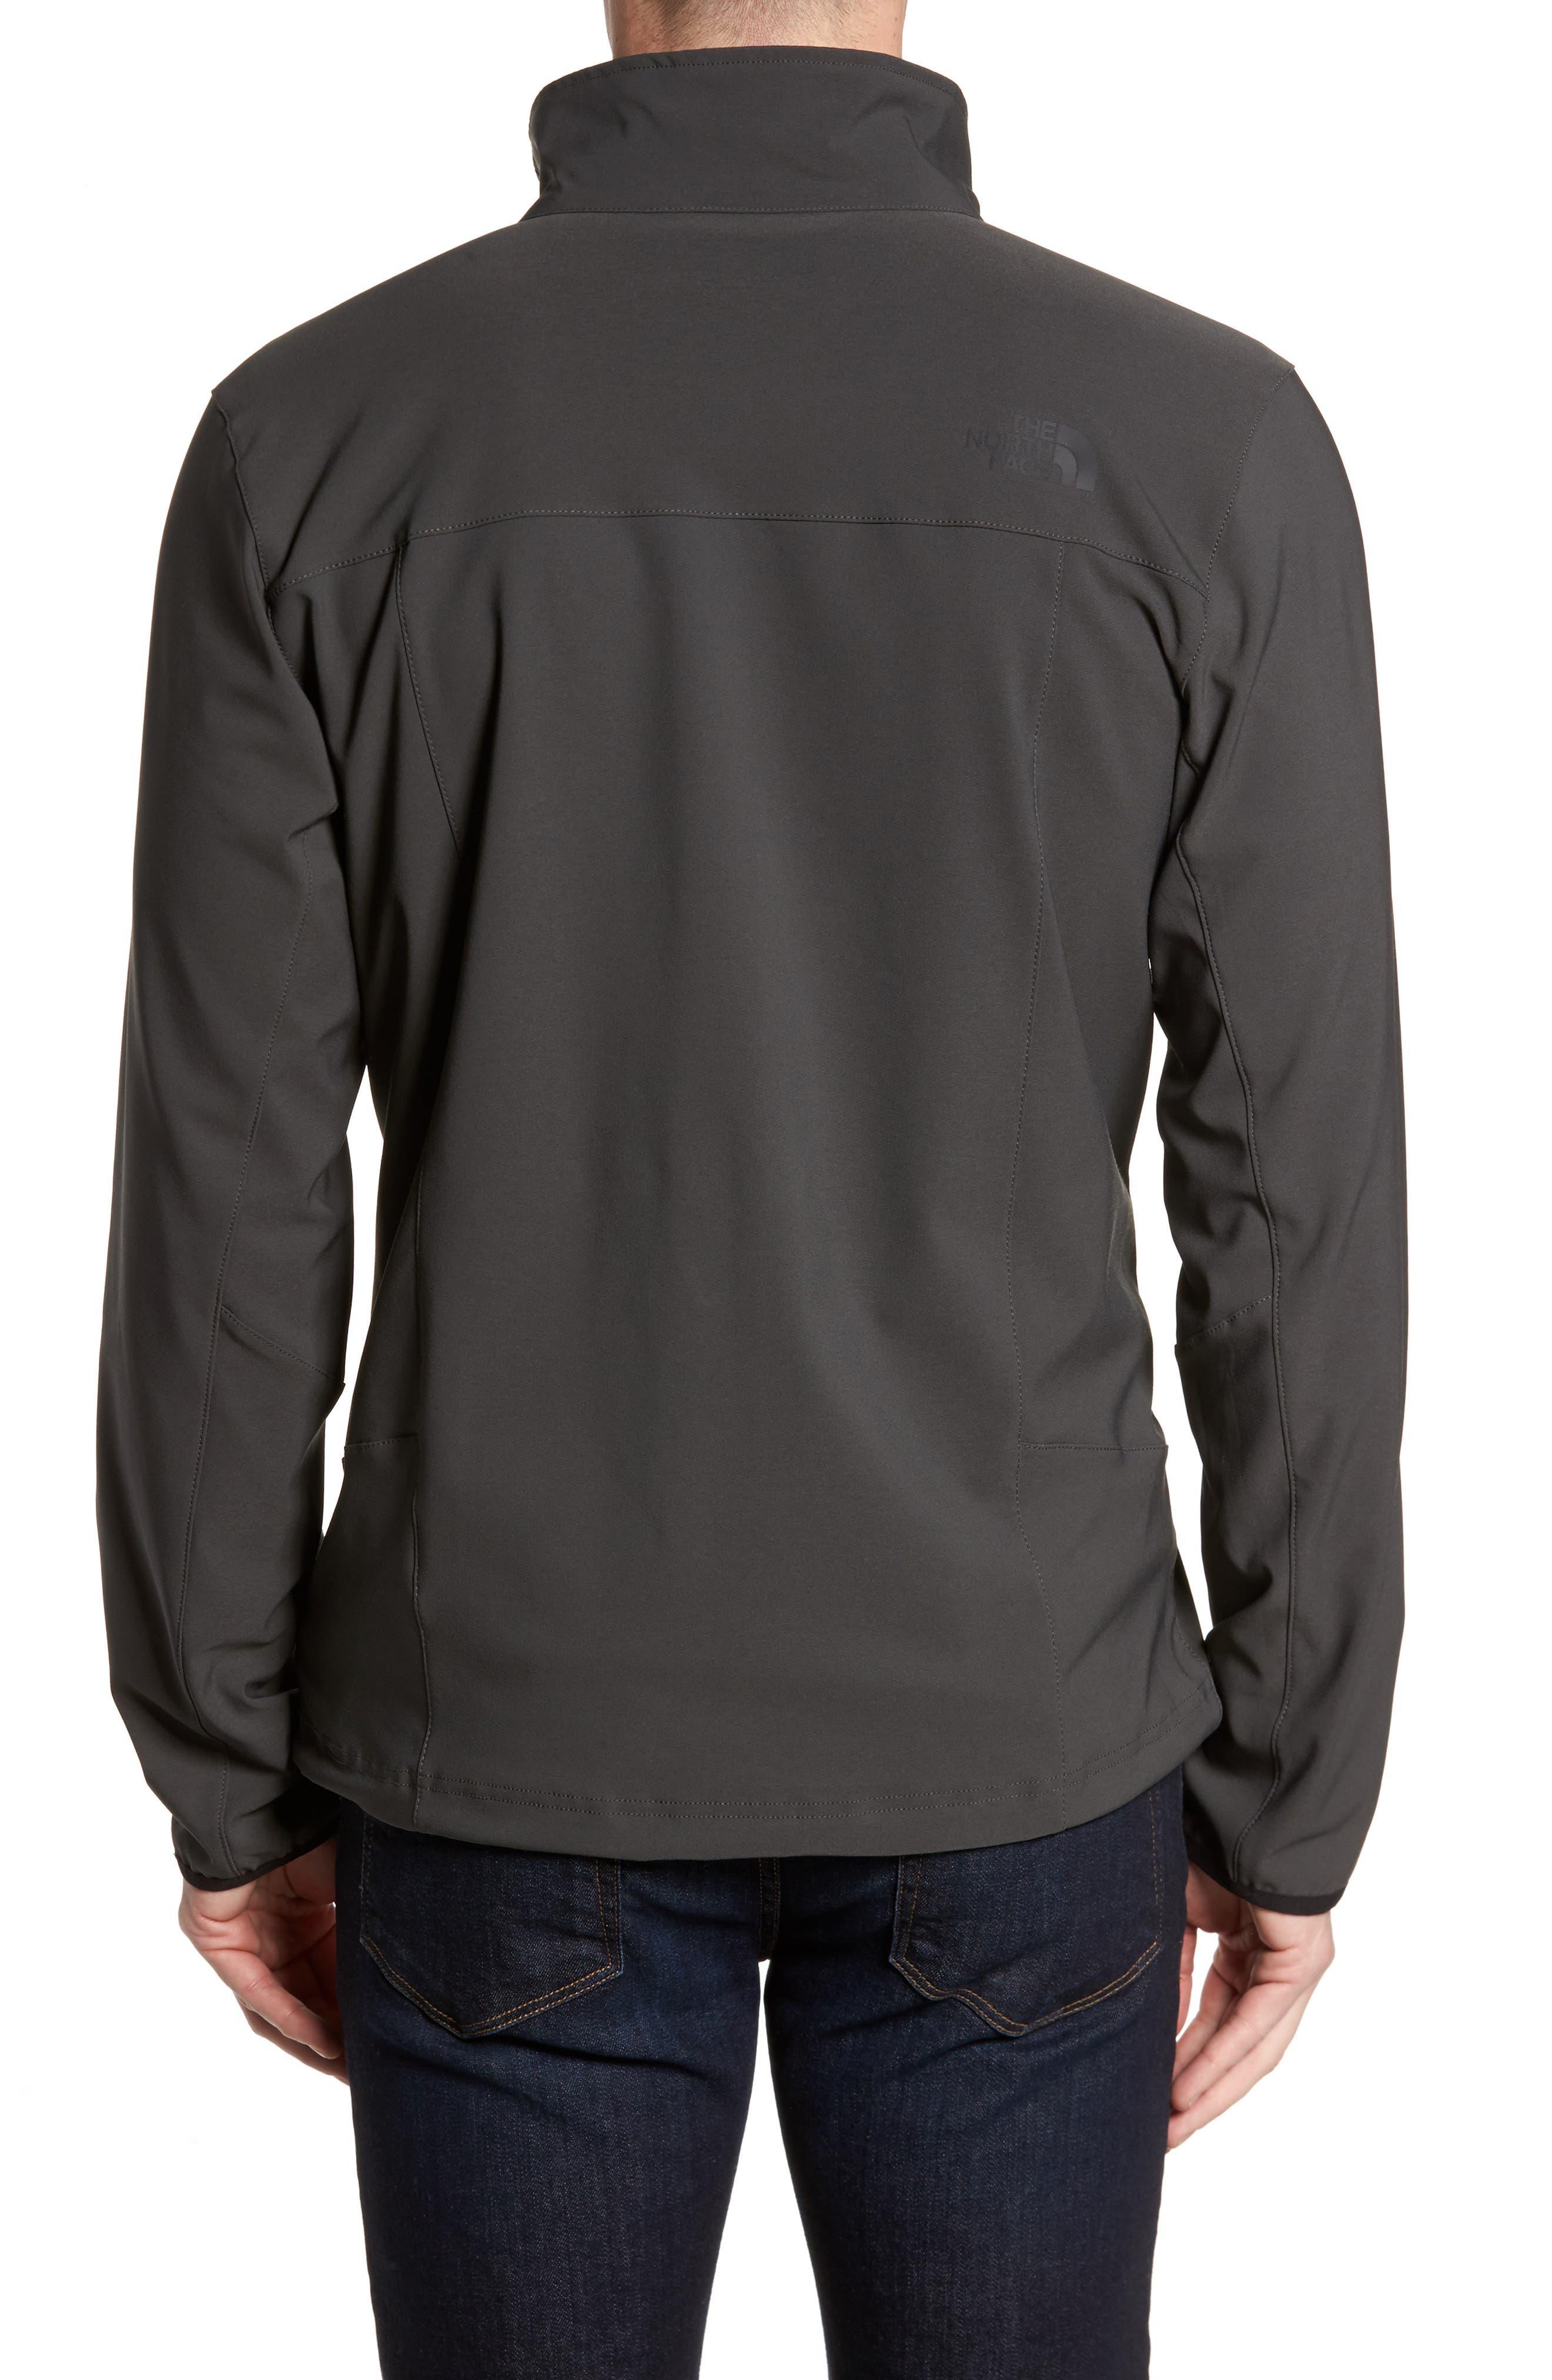 Apex Nimble Jacket,                             Alternate thumbnail 2, color,                             Asphalt Grey/ Asphalt Grey